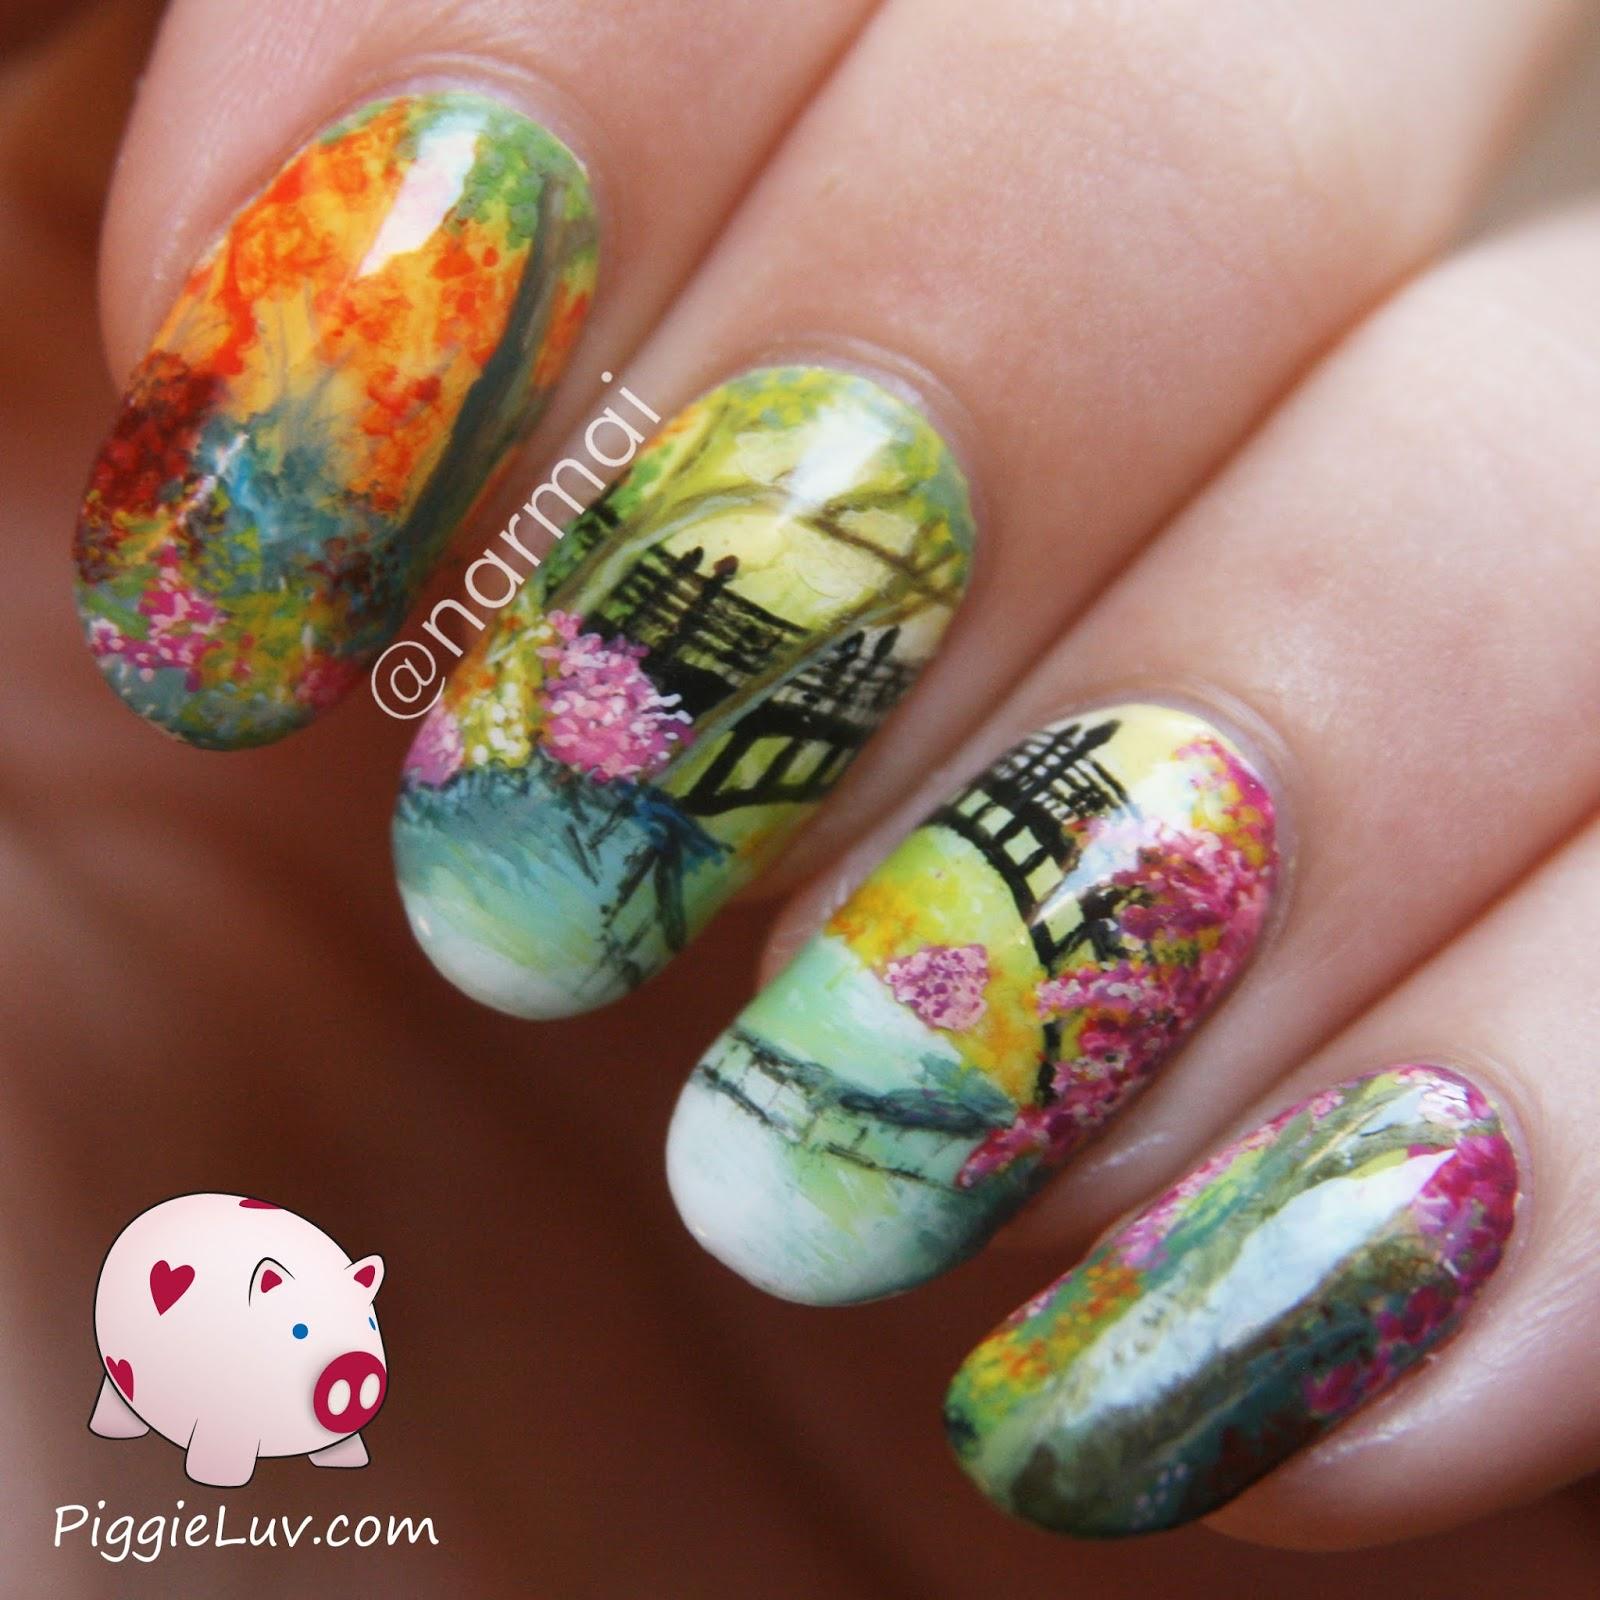 PiggieLuv: Nail art inspired by Ann Marie Bone